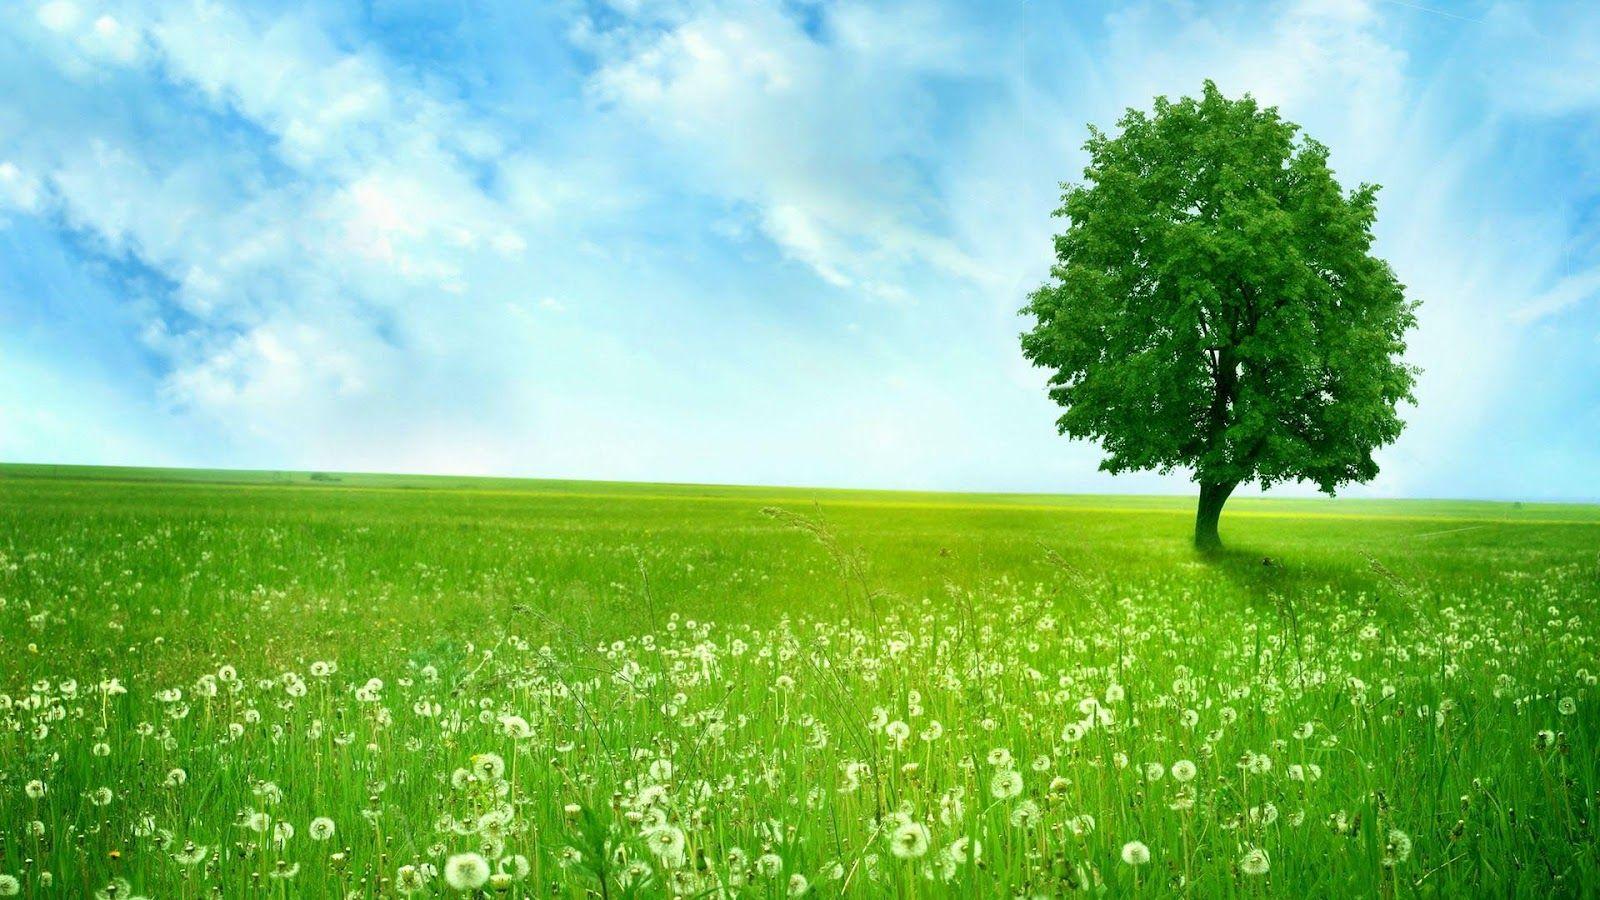 achtergrond gras boom google zoeken anne school pinterest gras zoeken en google. Black Bedroom Furniture Sets. Home Design Ideas